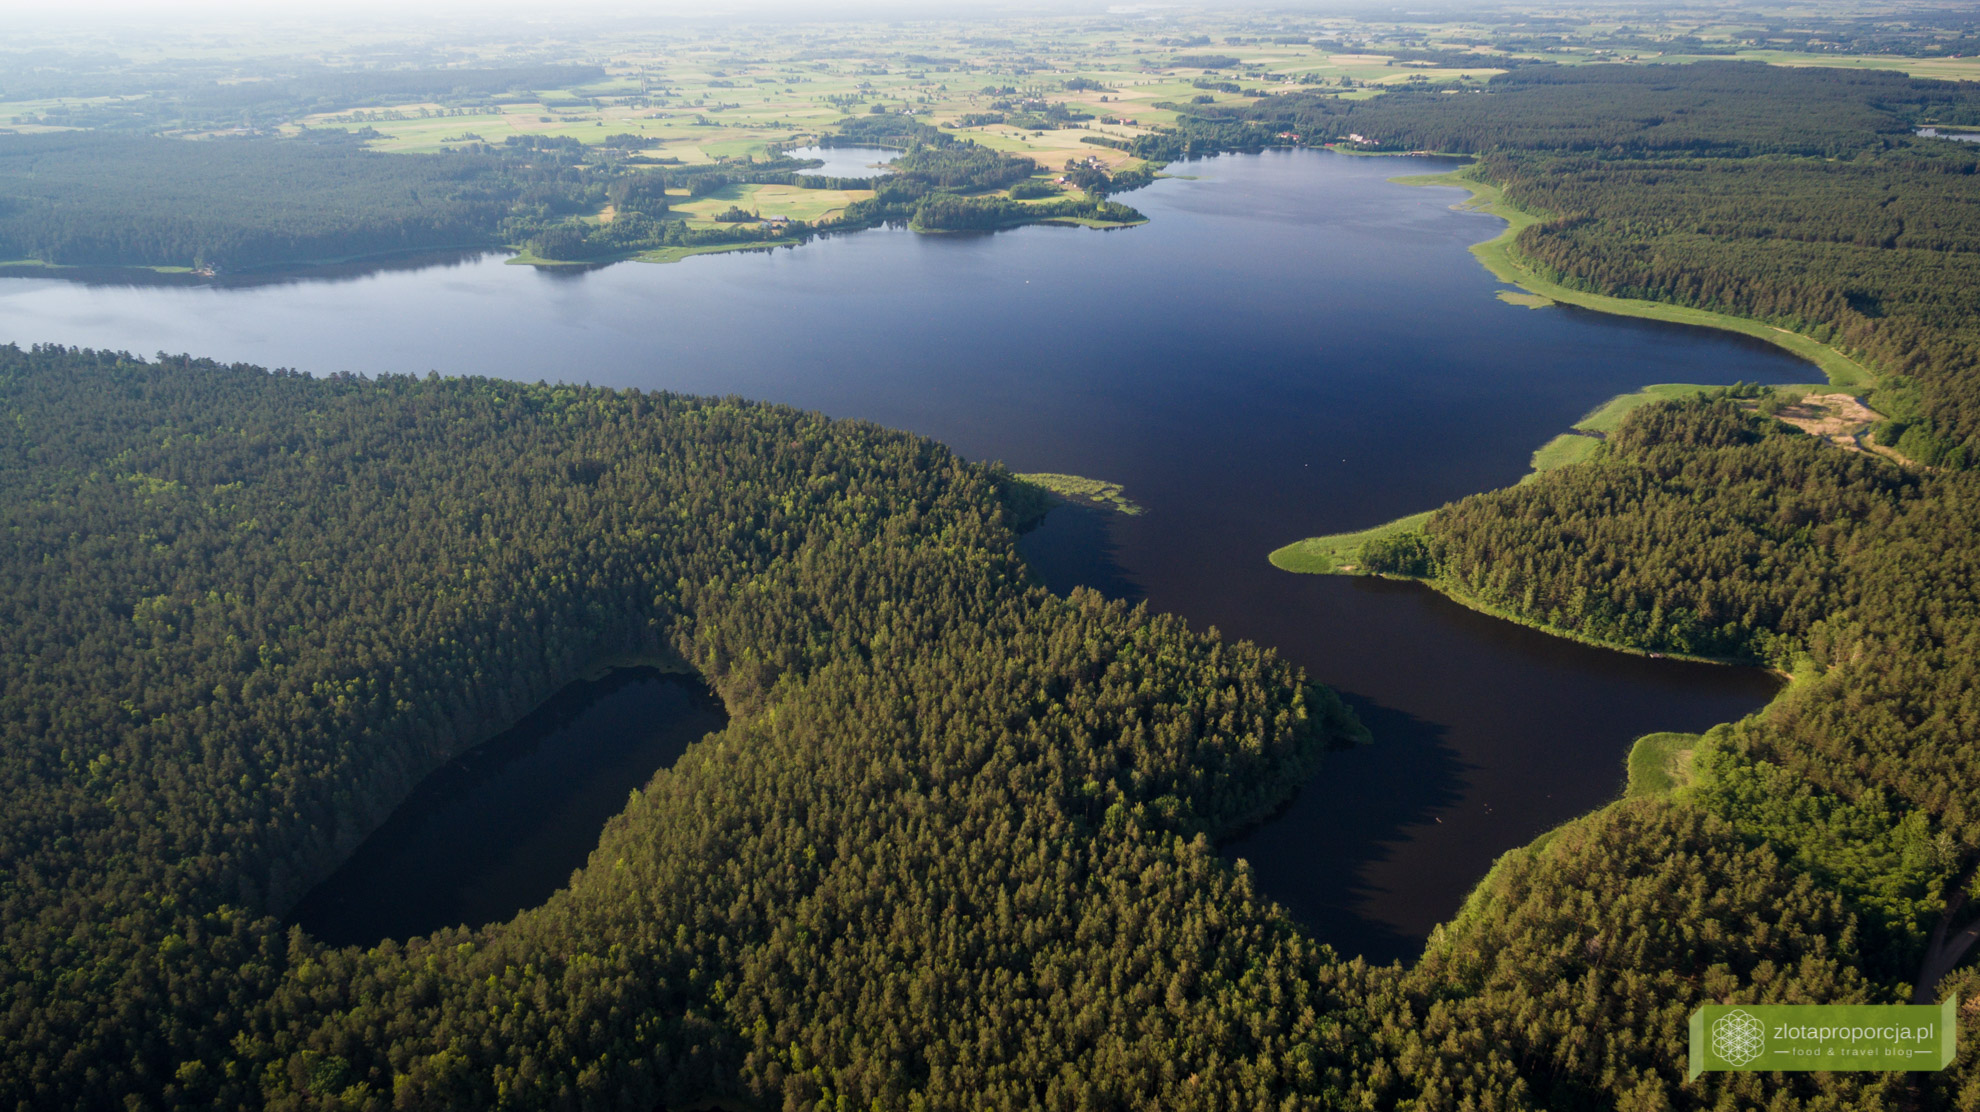 Rezerwat Przyrody Tobolinka, Jezioro Pomorze, Suwalszczyzna, atrakcje Suwalszczyny, Suwalszczyzna z drona, Podlasie